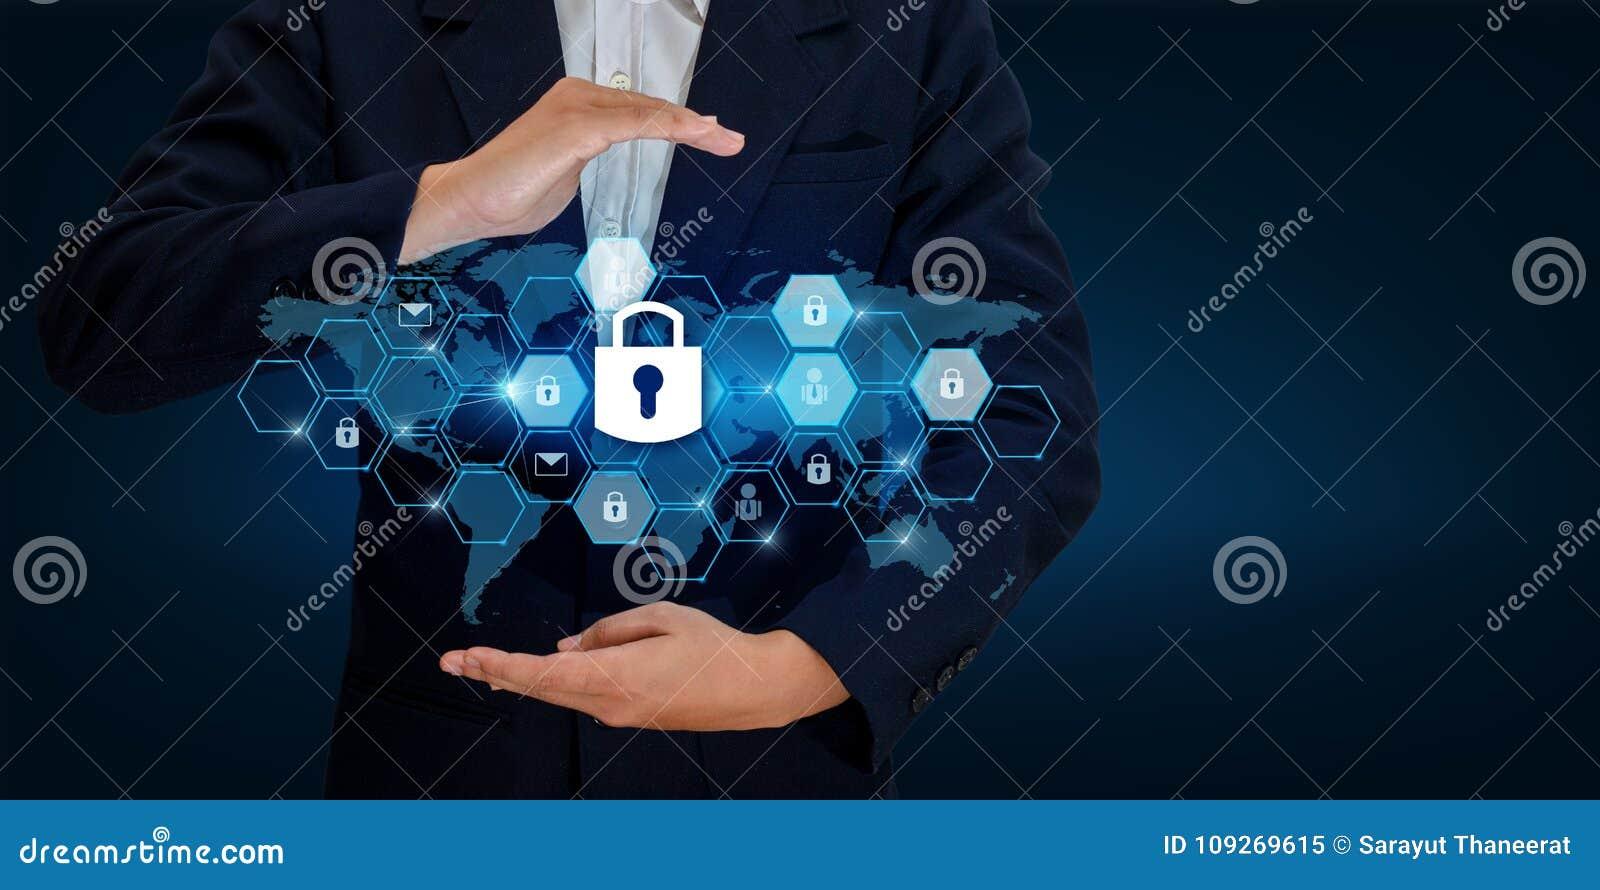 Κλειδαριά στα χέρια μιας ασπίδας επιχειρηματιών η ασπίδα για να προστατεύσει τον κυβερνοχώρο Διαστημικό κοβάλτιο επιχειρησιακού Δ